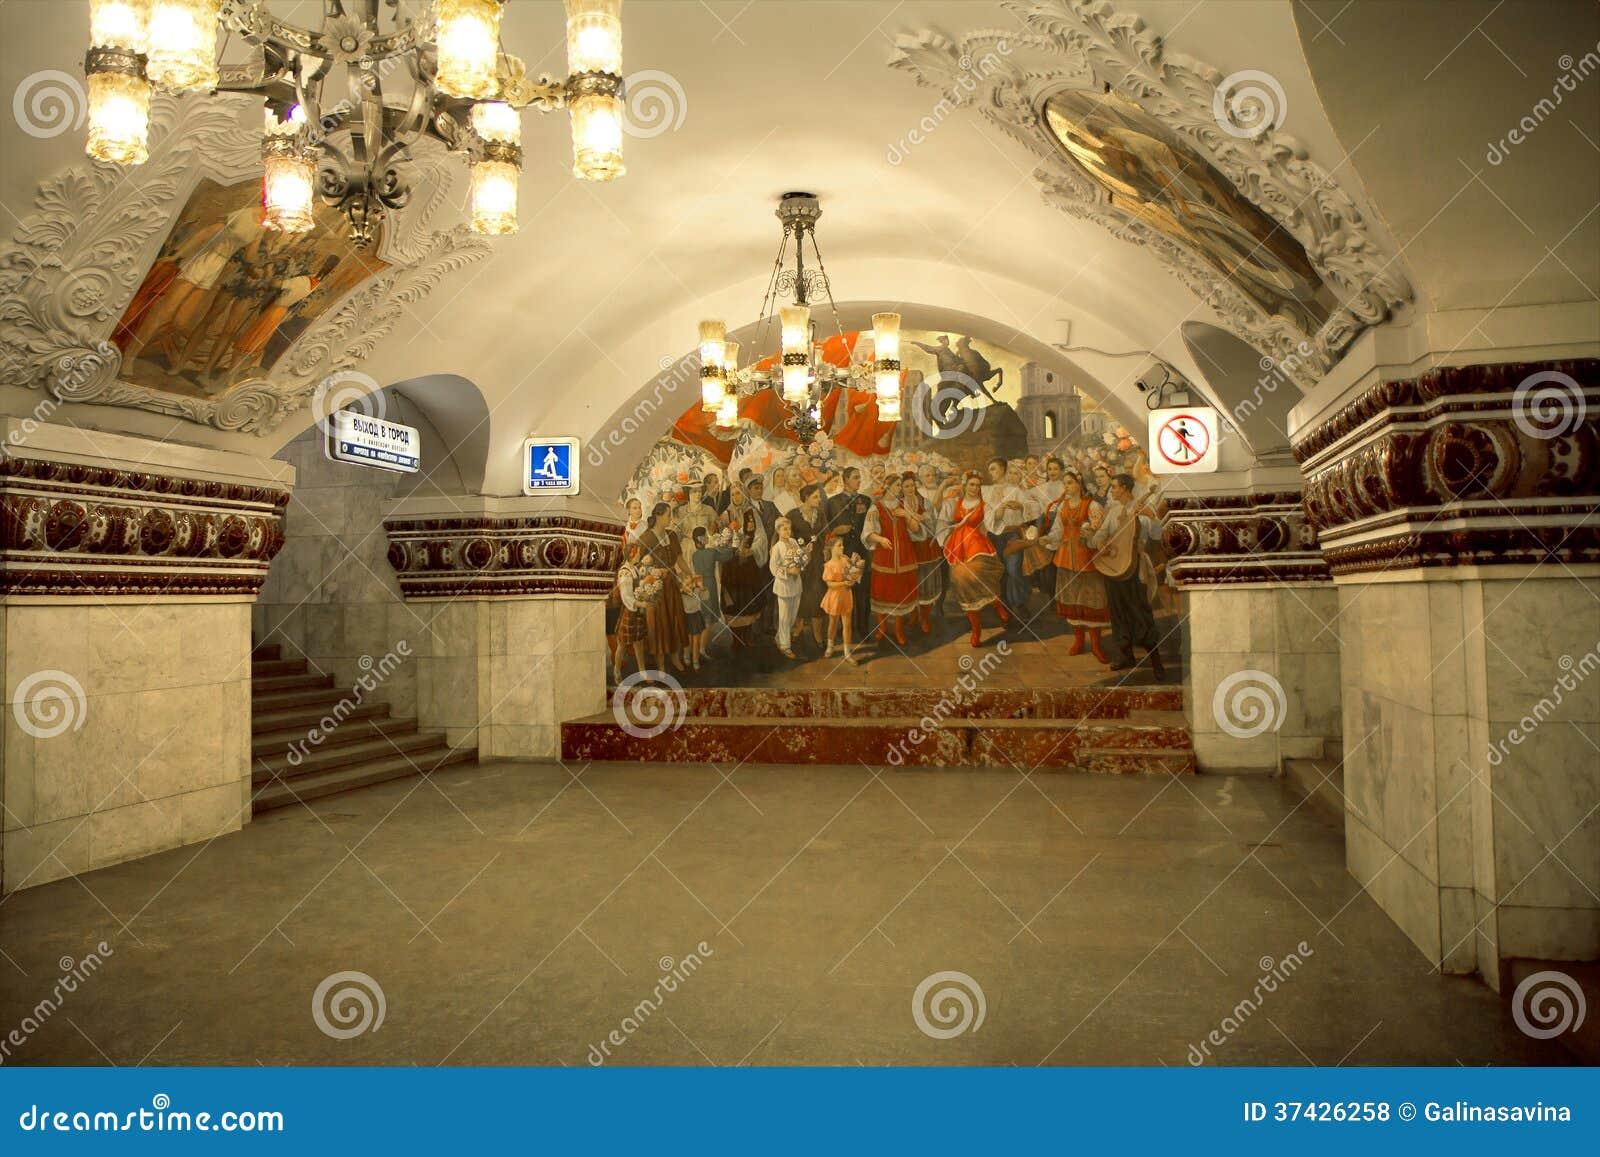 How to get to metro Kievskaya 43